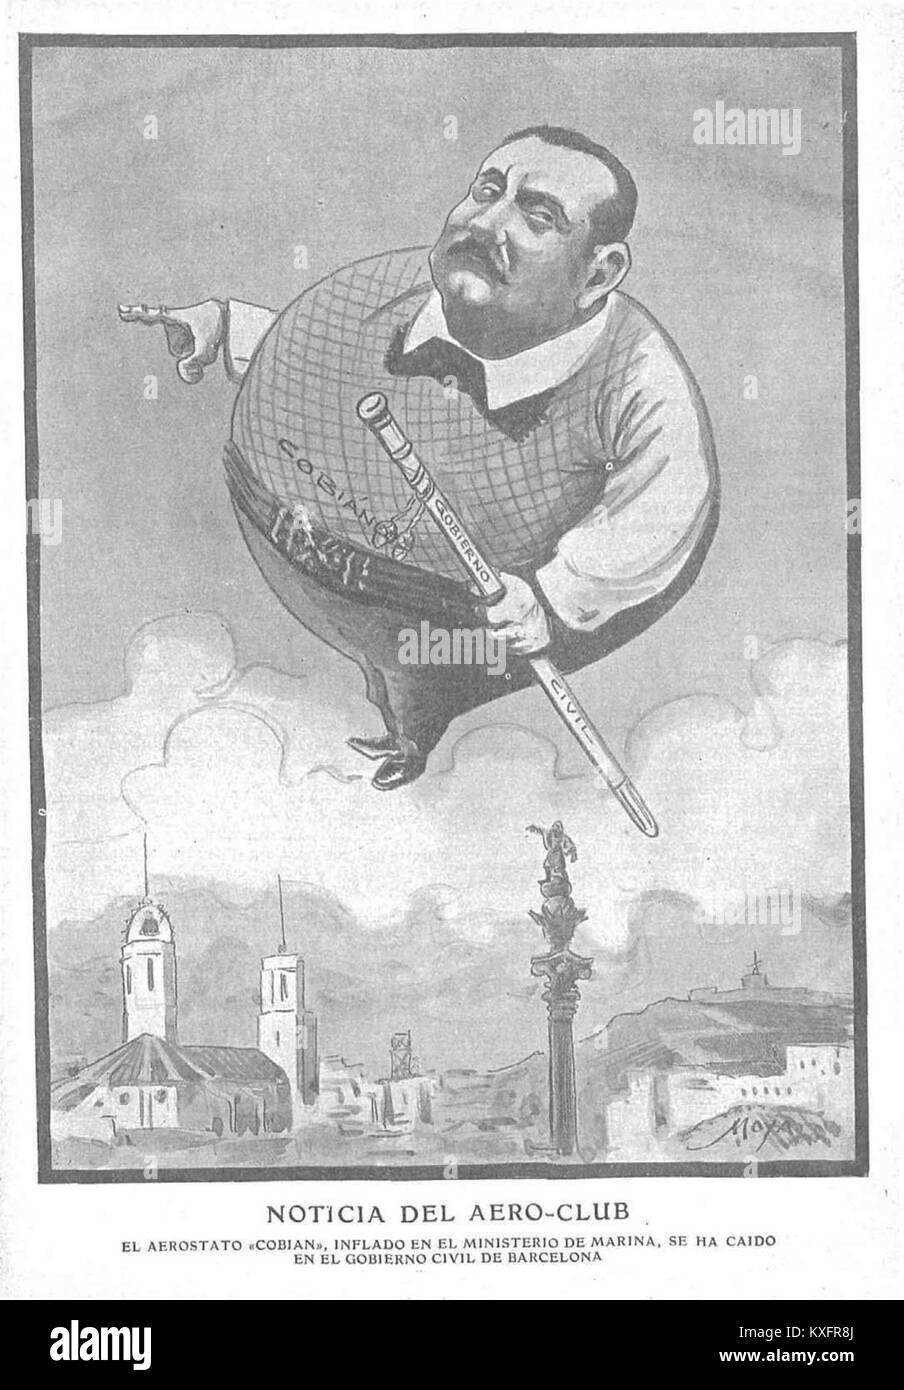 1906-07-01, Gedeón, Noticia del aero-club, Moya - Stock Image